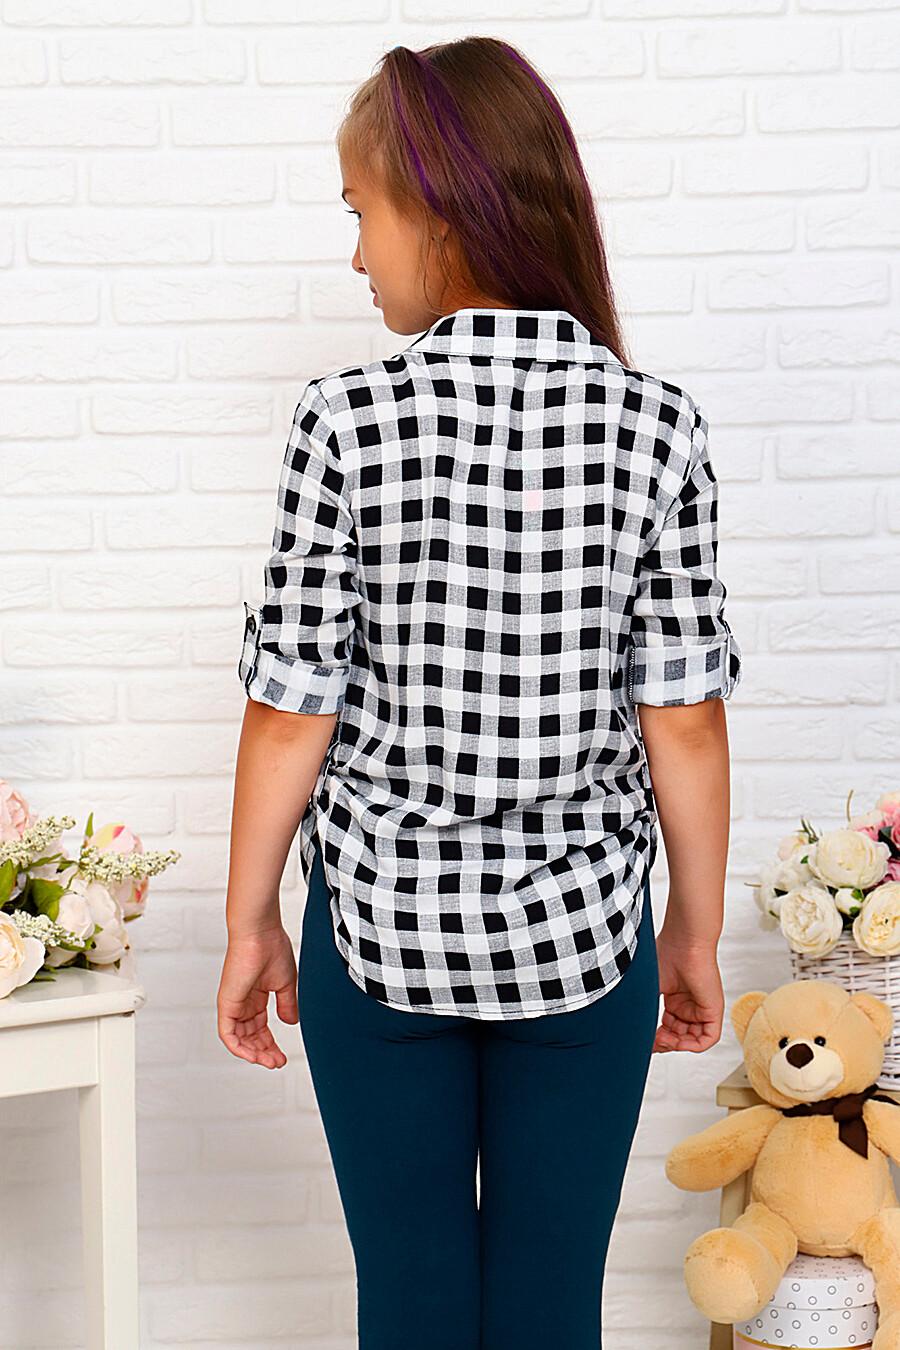 Рубашка для девочек SOFIYA37 667890 купить оптом от производителя. Совместная покупка детской одежды в OptMoyo